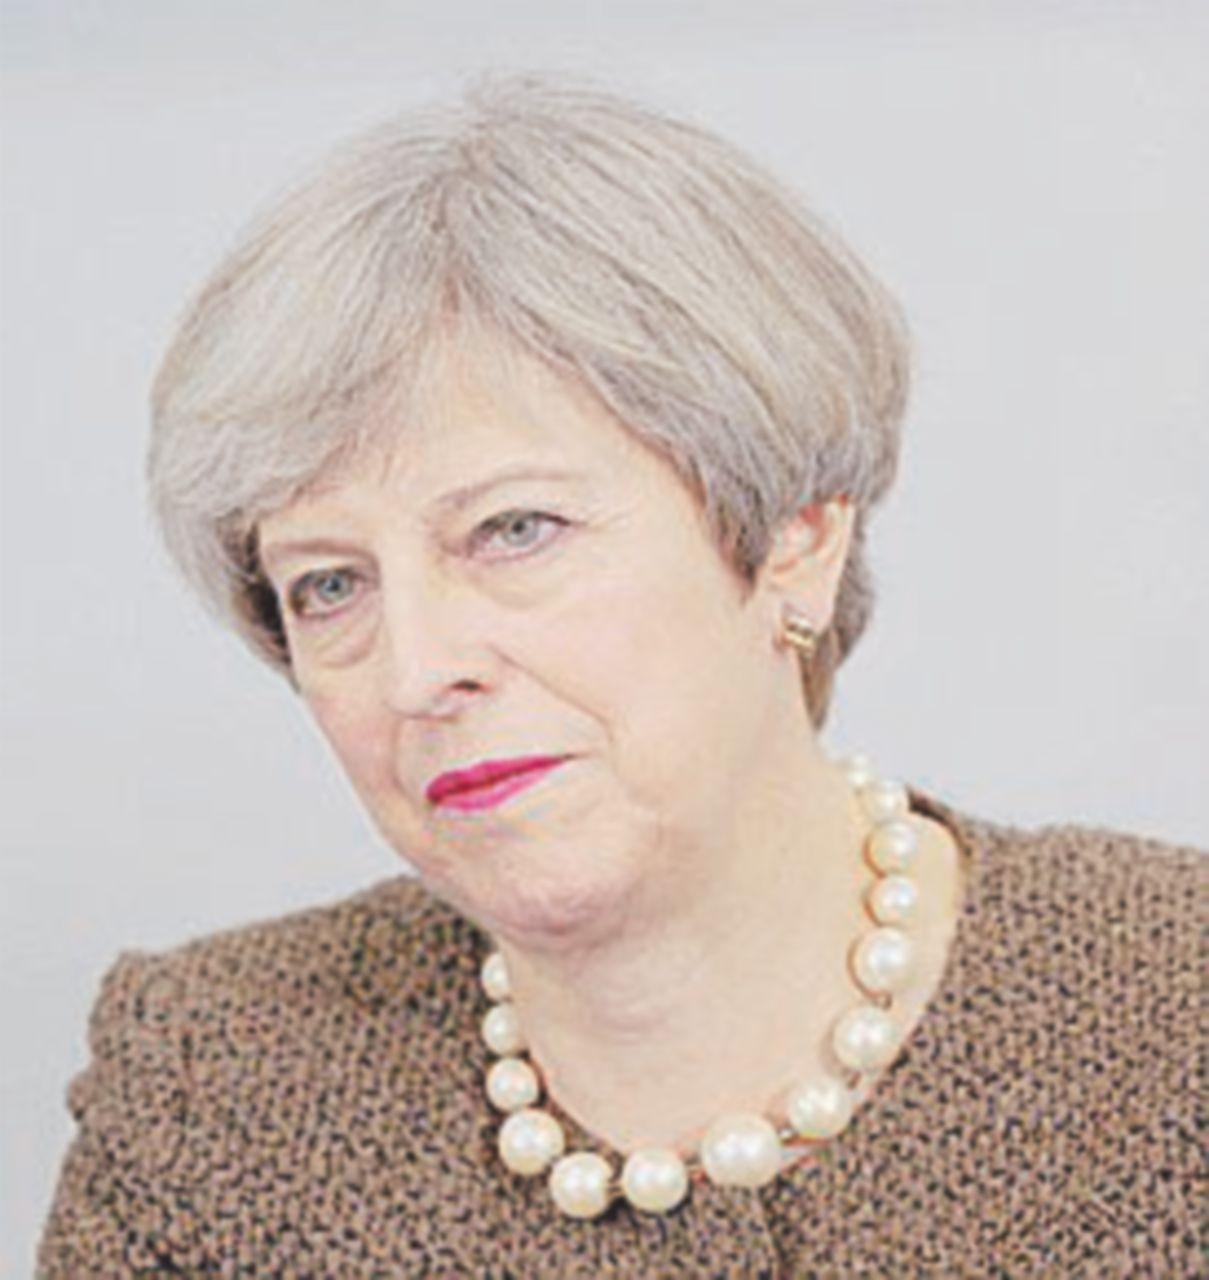 """Brexit, la perfida Albione annuncia l'ora X. Merkel: """"Ormai non fa nessuna differenza"""""""